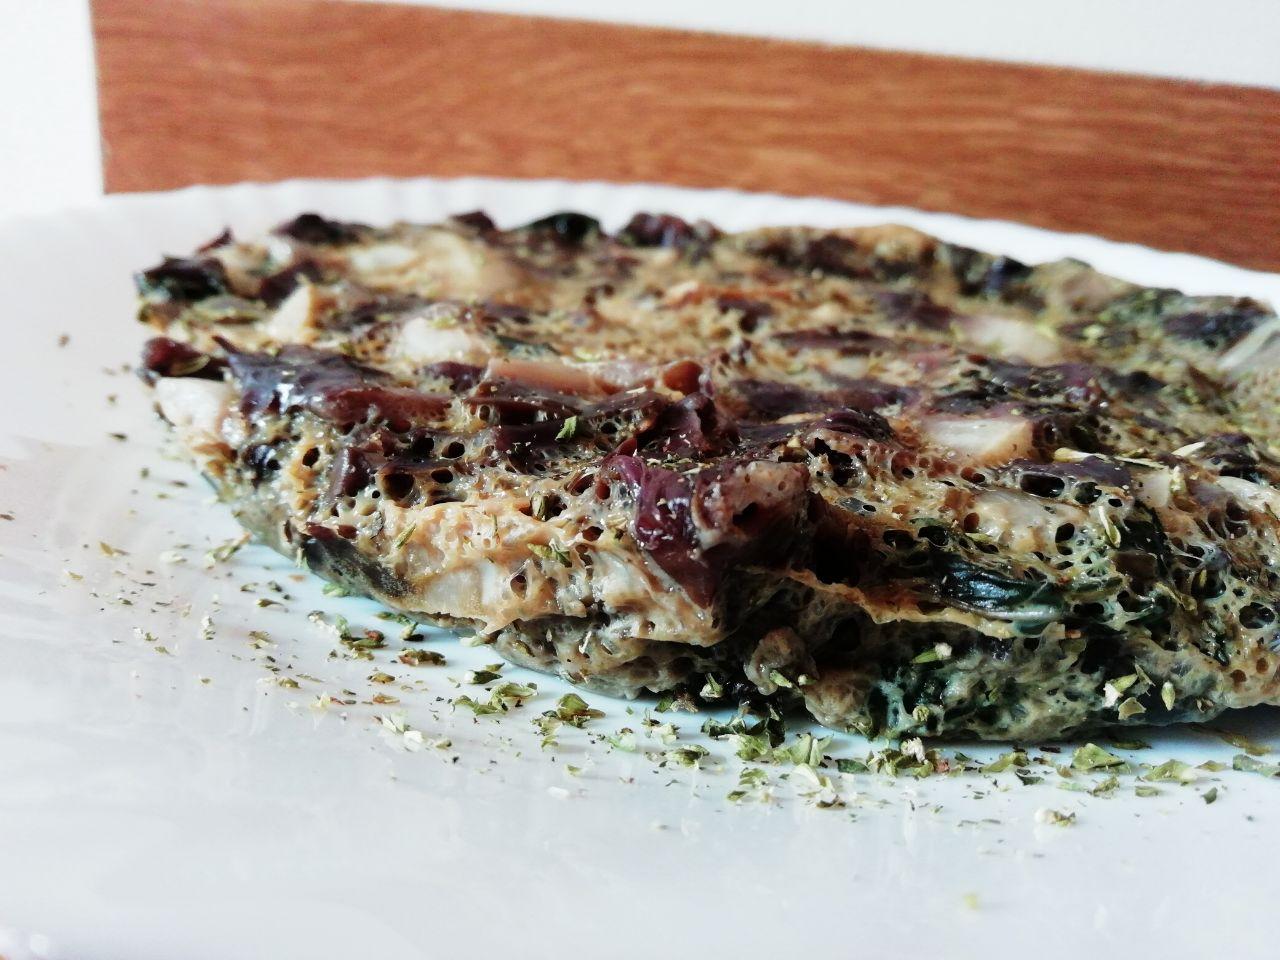 Secondi piatti light: frittata di menta e radicchio, senza formaggio e senza latte!